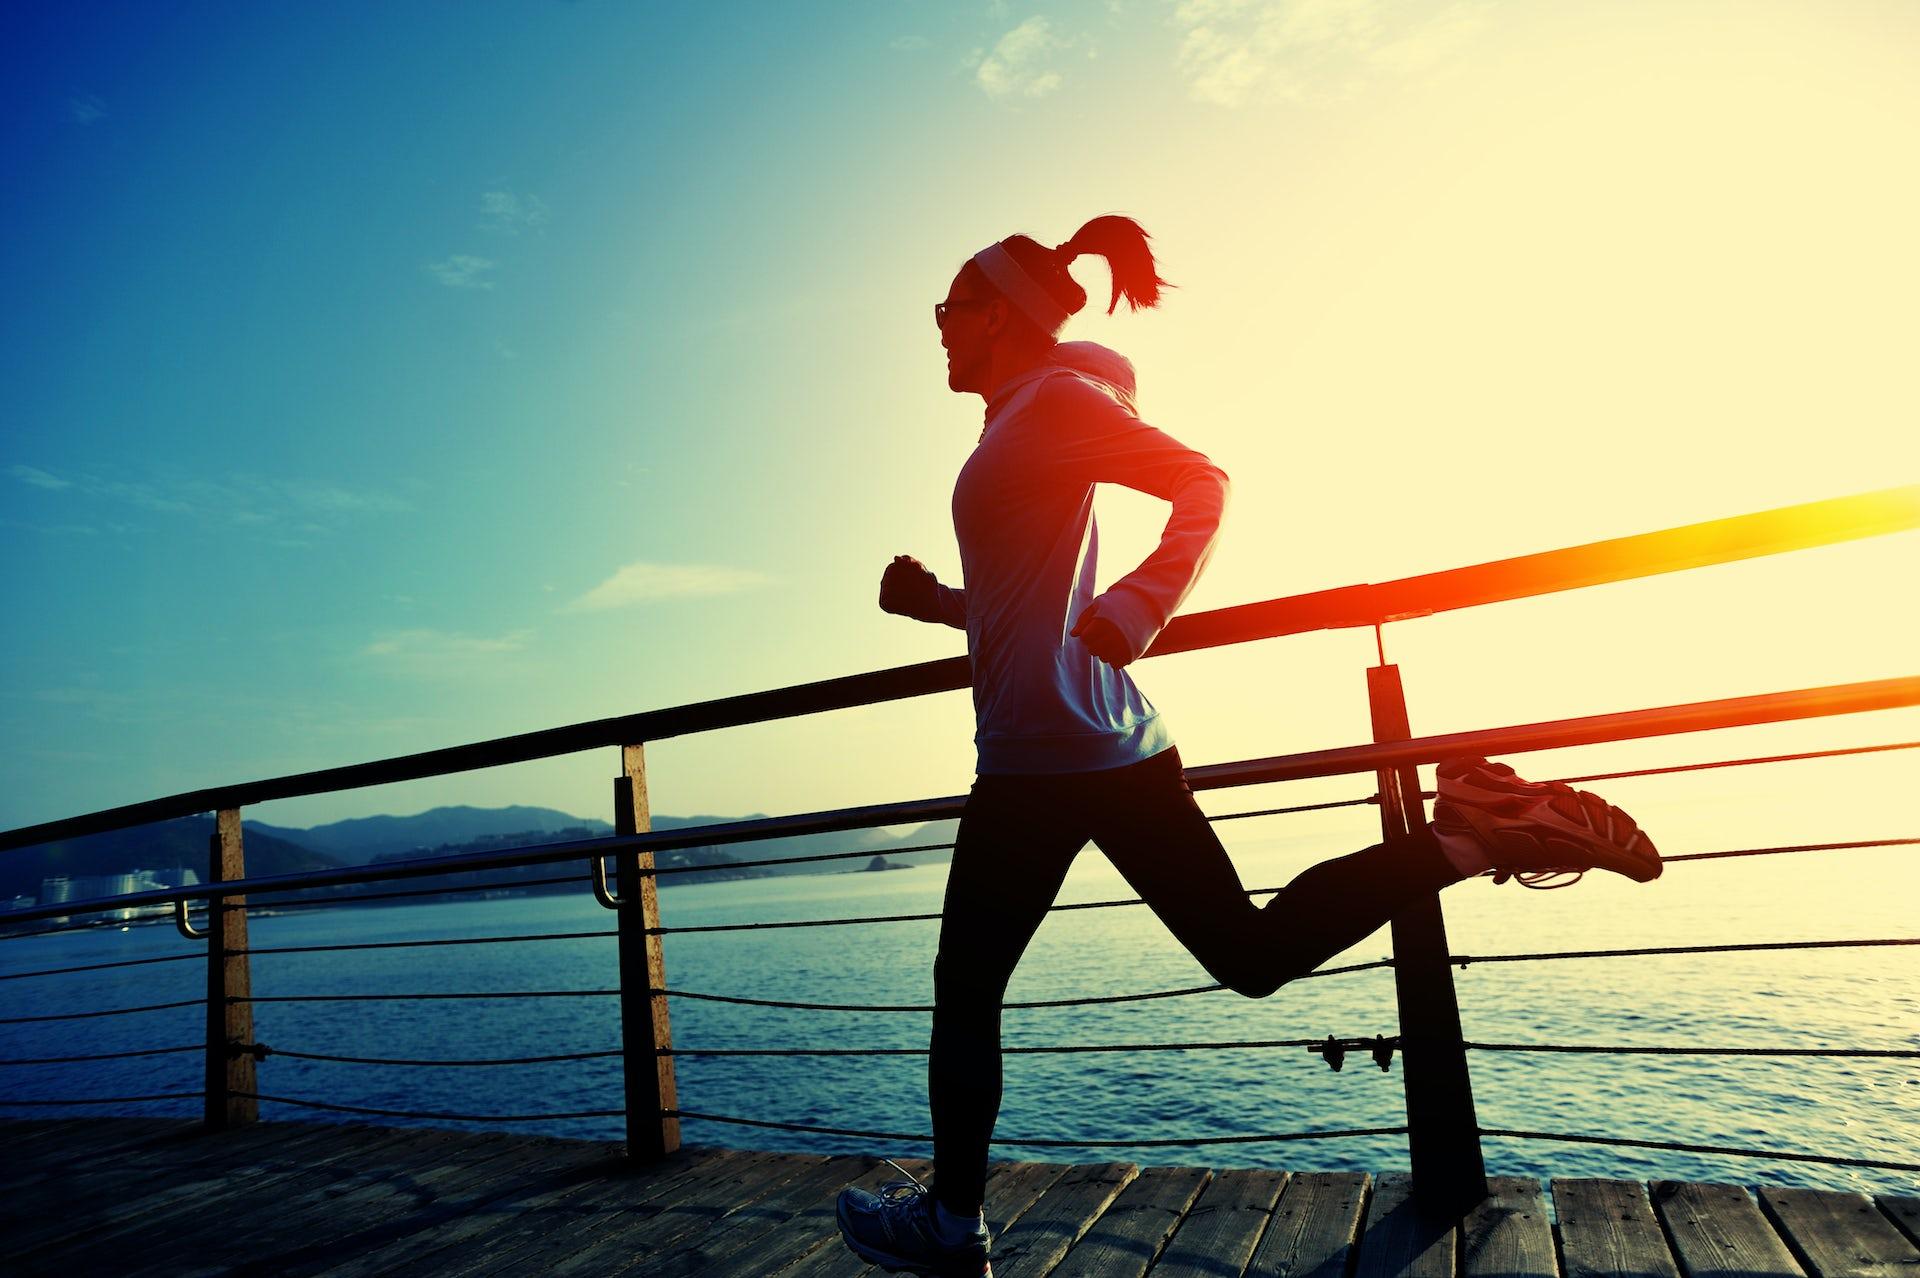 Les cinq meilleures façons d'améliorer votre santé en 2019, d'après les dernières recherches scientifiques